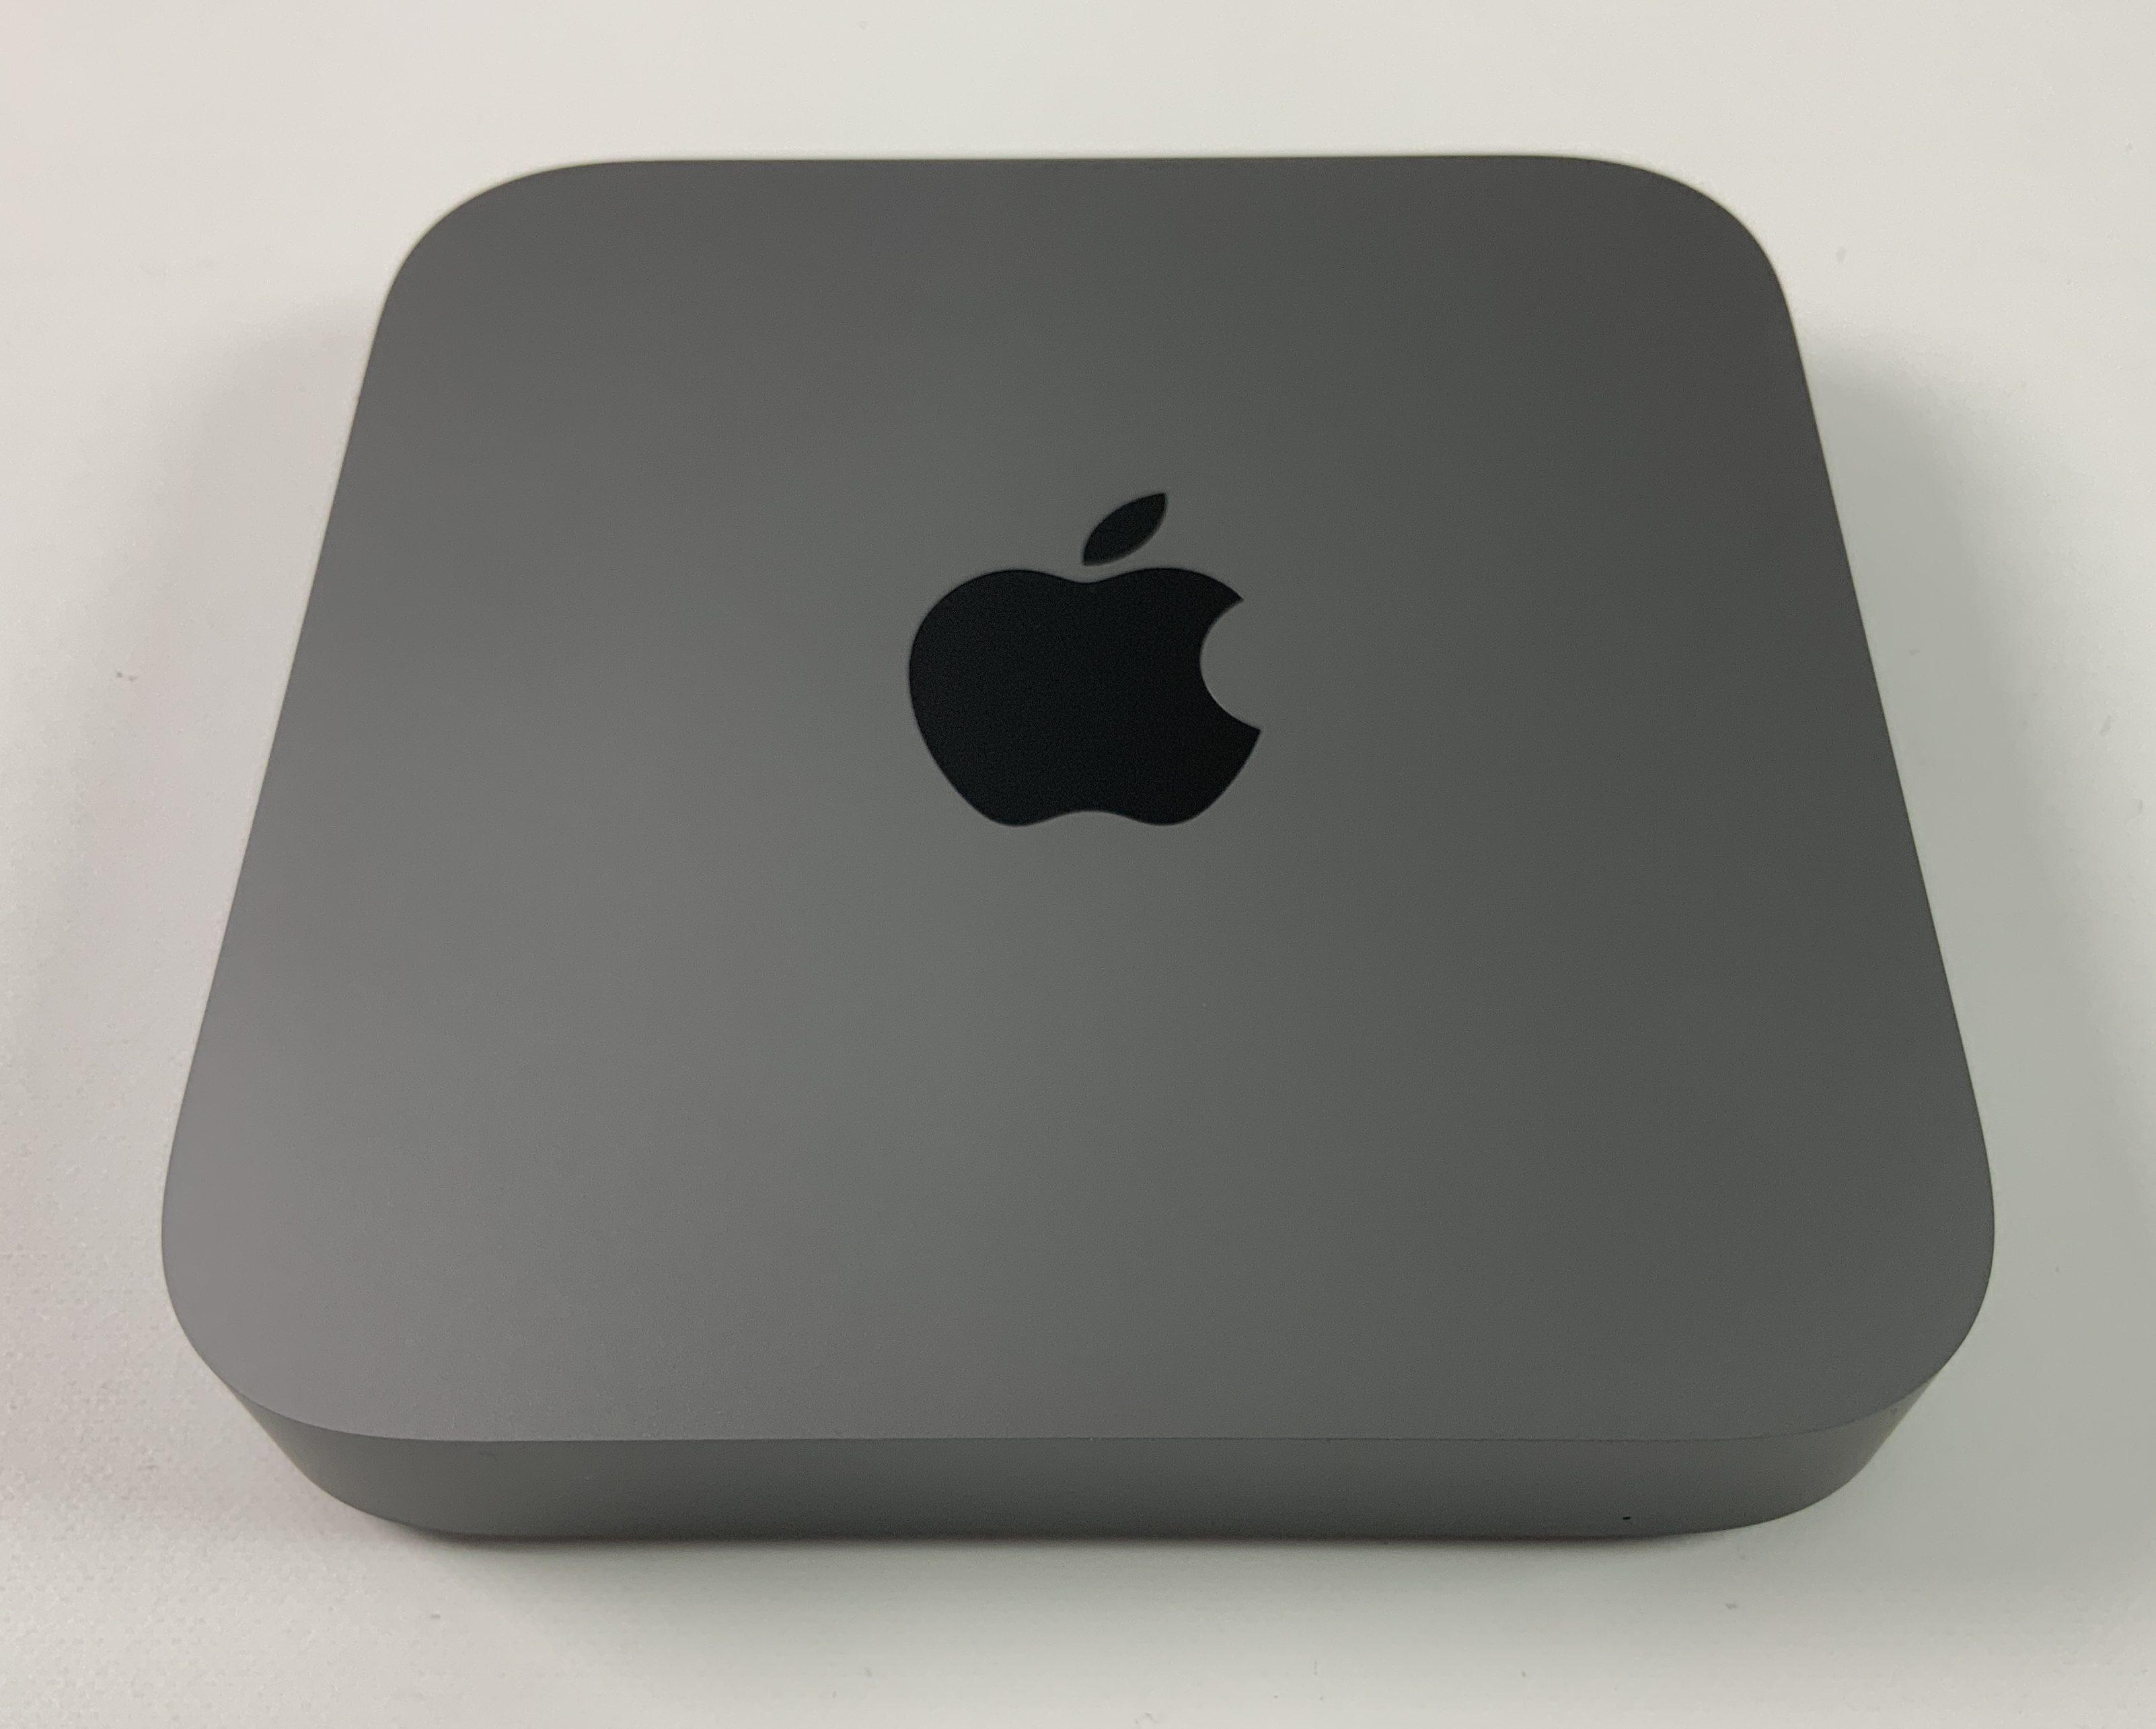 Mac Mini Late 2018 (Intel Quad-Core i3 3.6 GHz 8 GB RAM 128 GB SSD), Intel Quad-Core i3 3.6 GHz, 8 GB RAM, 128 GB SSD, immagine 1